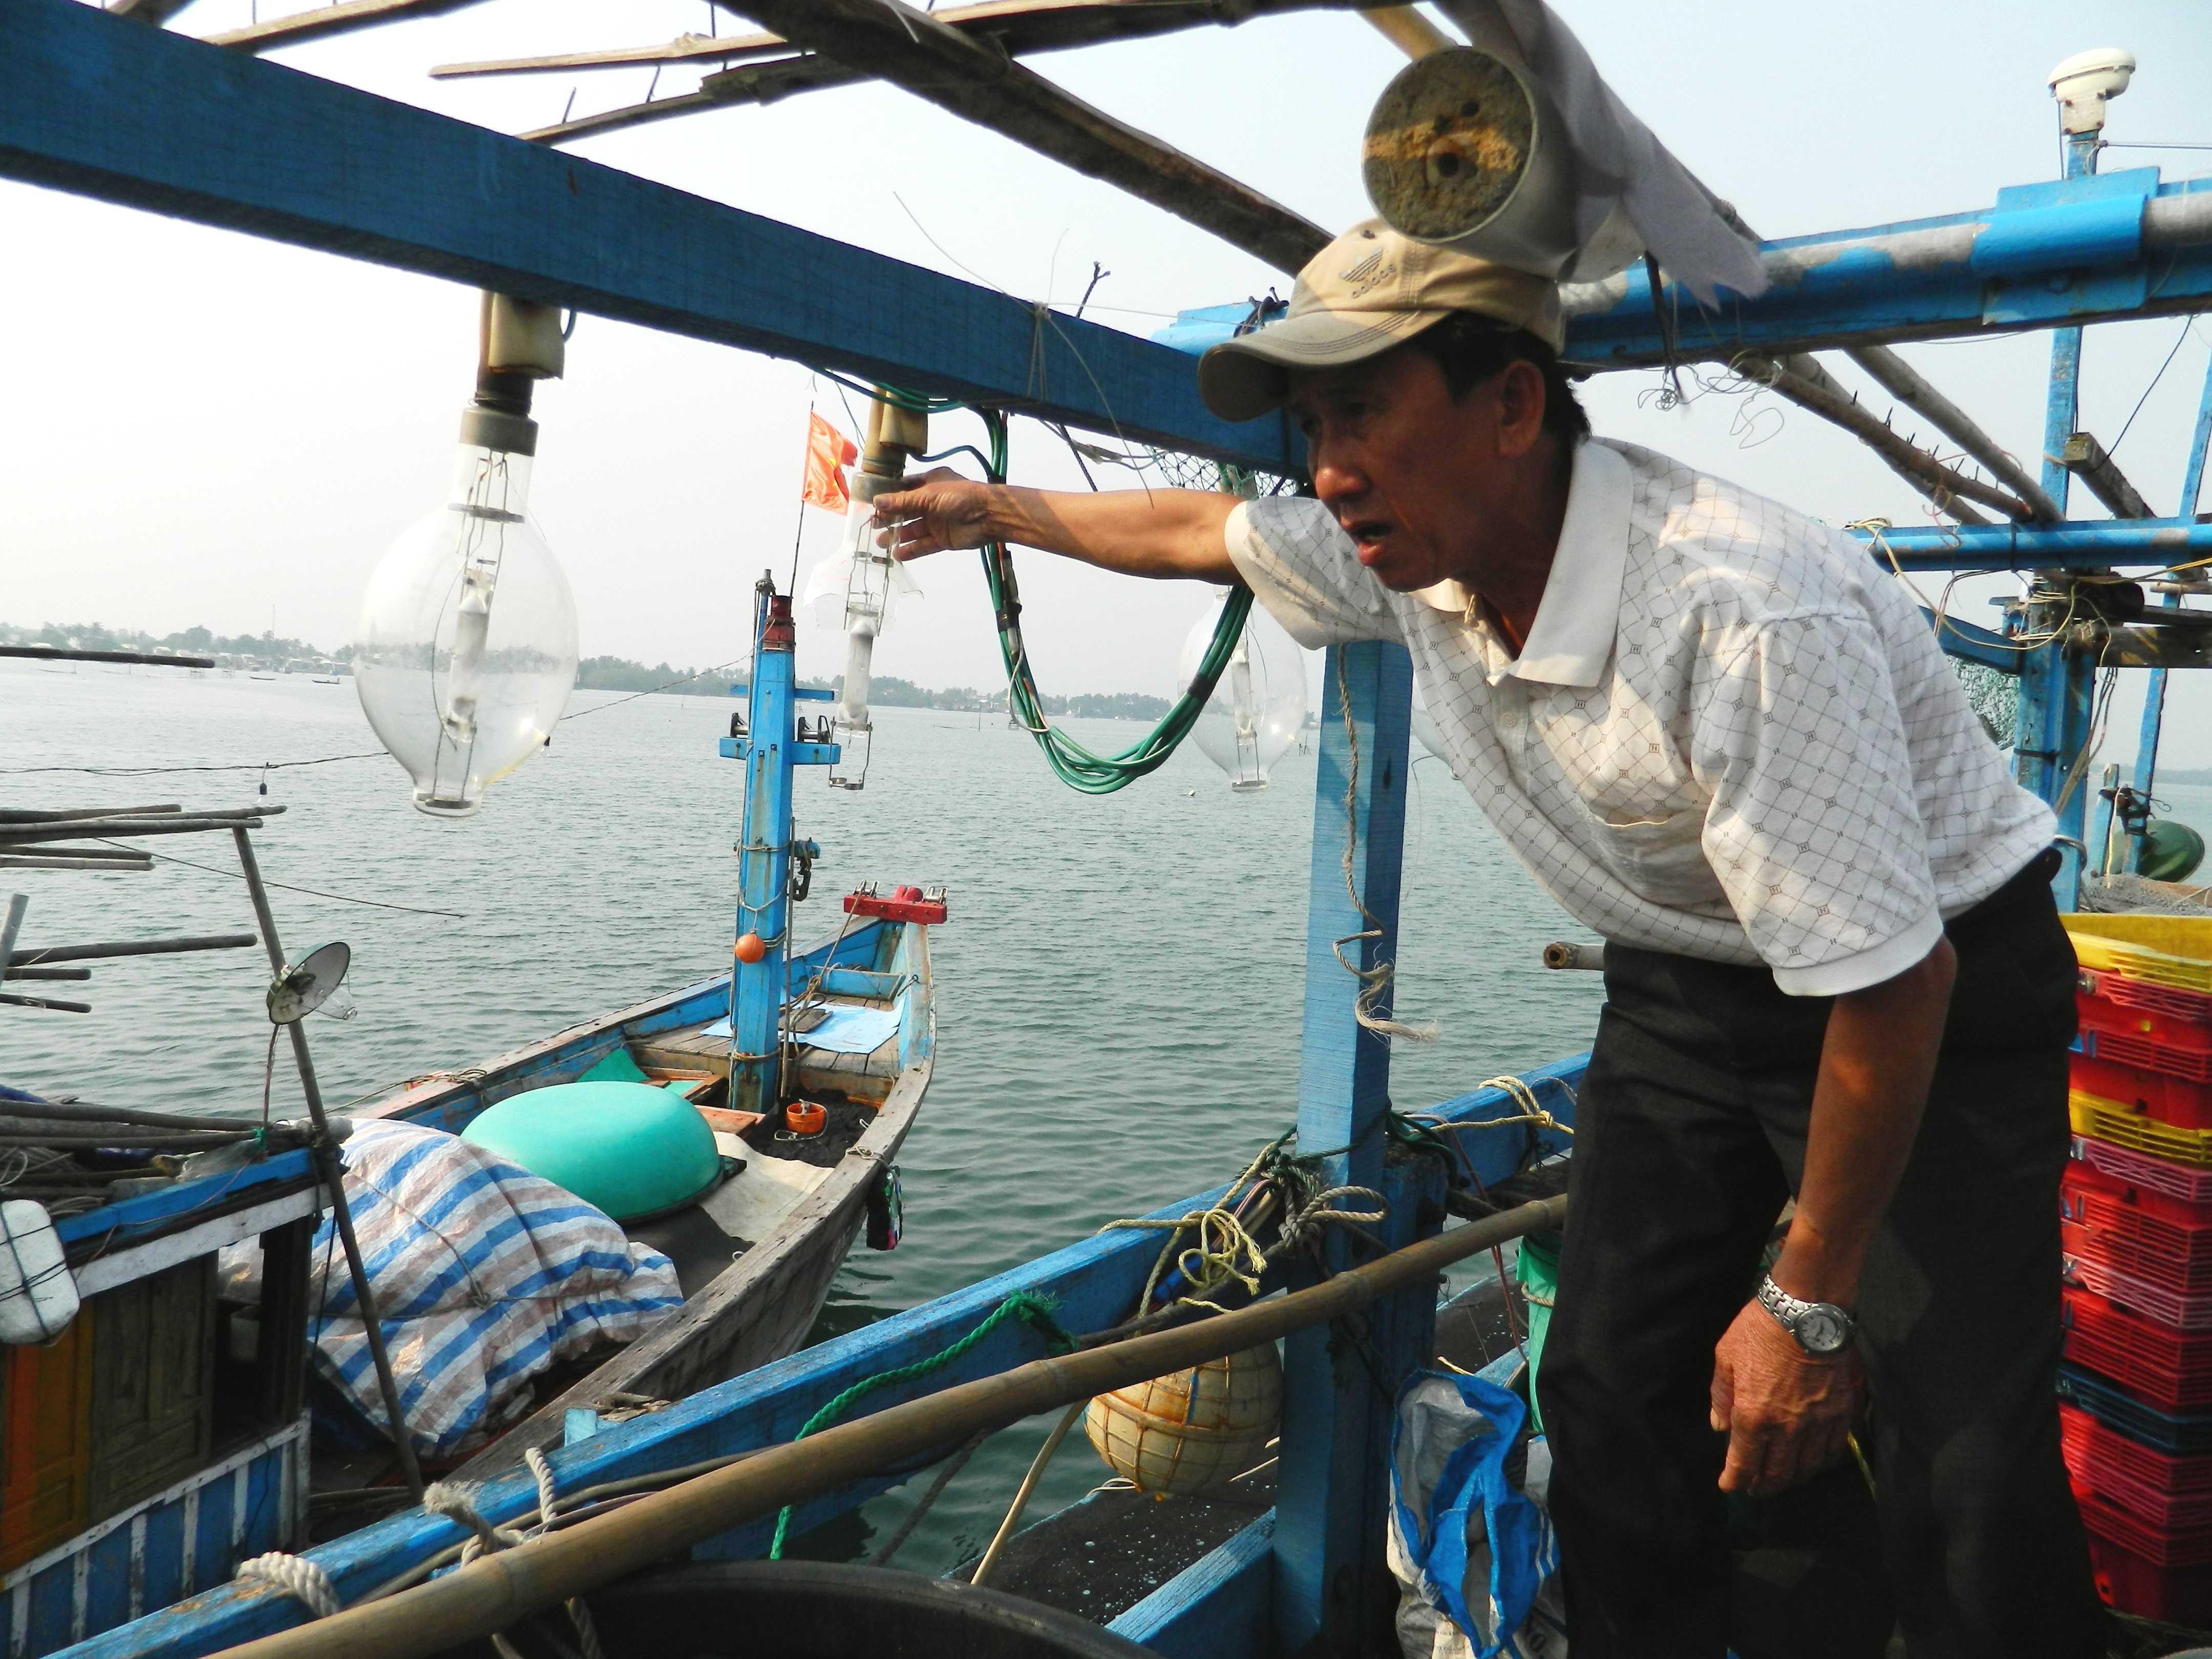 Các bóng đèn bị đạn từ tàu Trung Quốc làm vỡ trên tàu cá của ngư dân Quảng Nam.